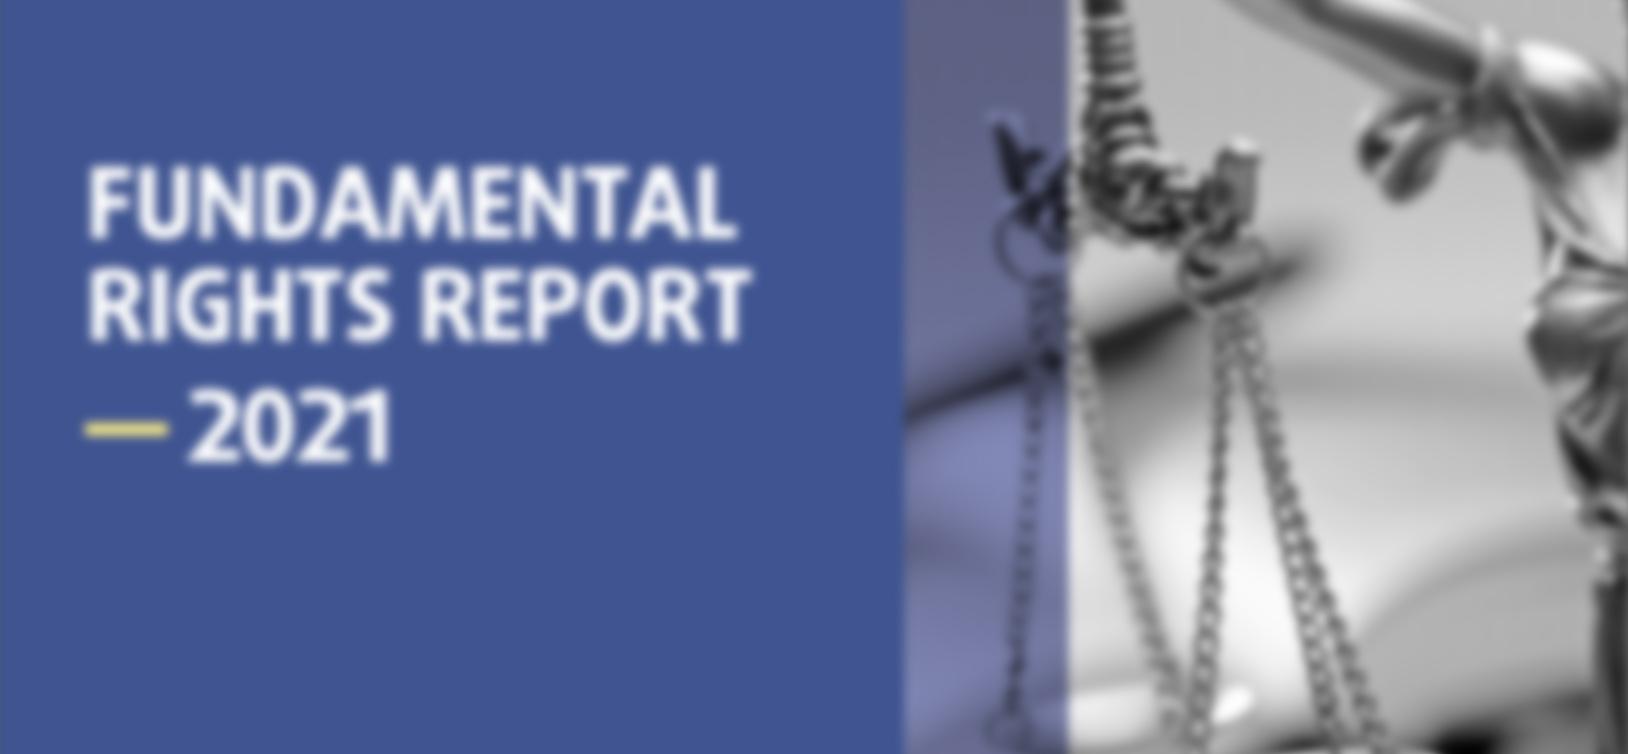 Contributo do OPJ para o Relatório dos Direitos Fundamentais 2021 da FRA